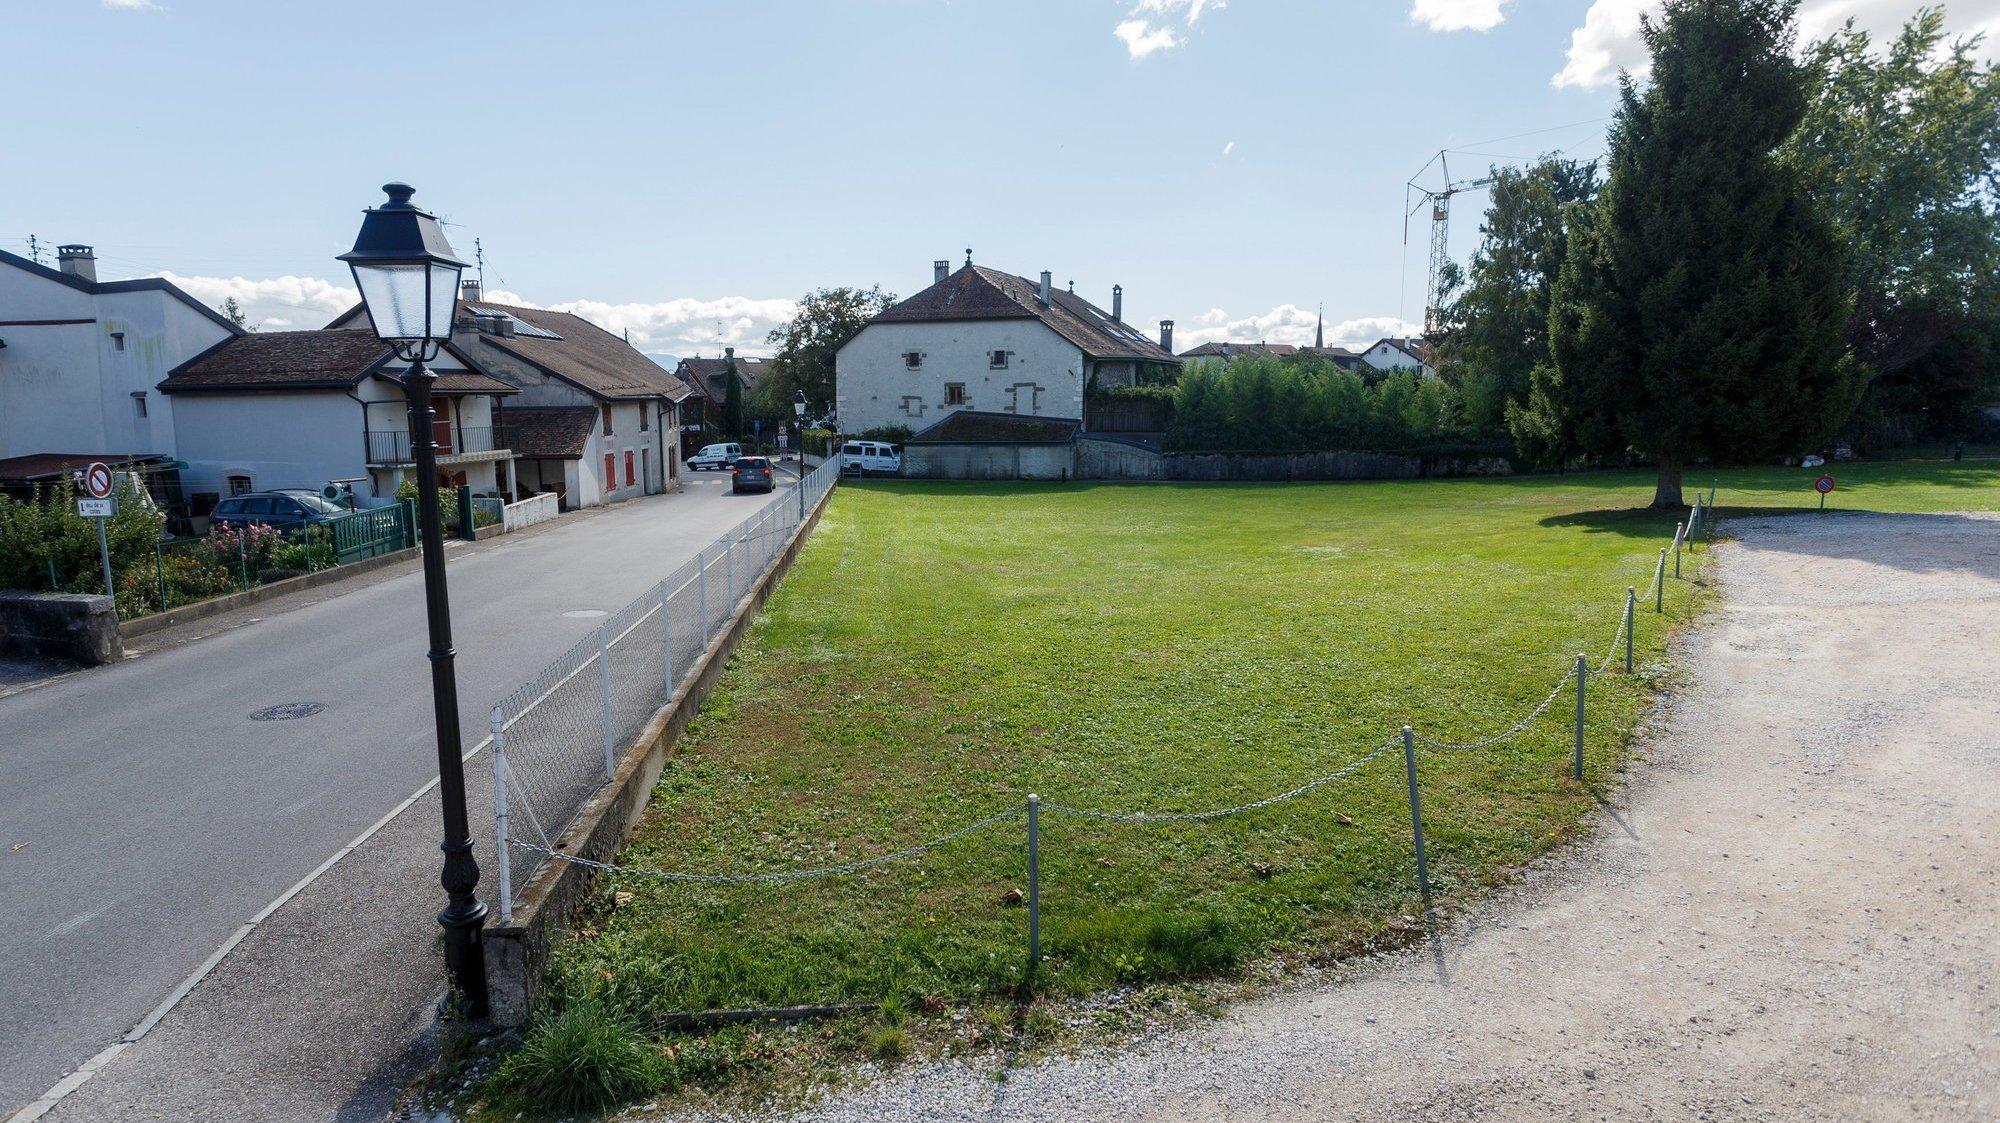 La parcelle 129, voisine du quartier des écoles et de l'UAPE, ne sera pas cédée dans l'immédiat à la fondation Equitim pour la construction de logements à loyer abordable.